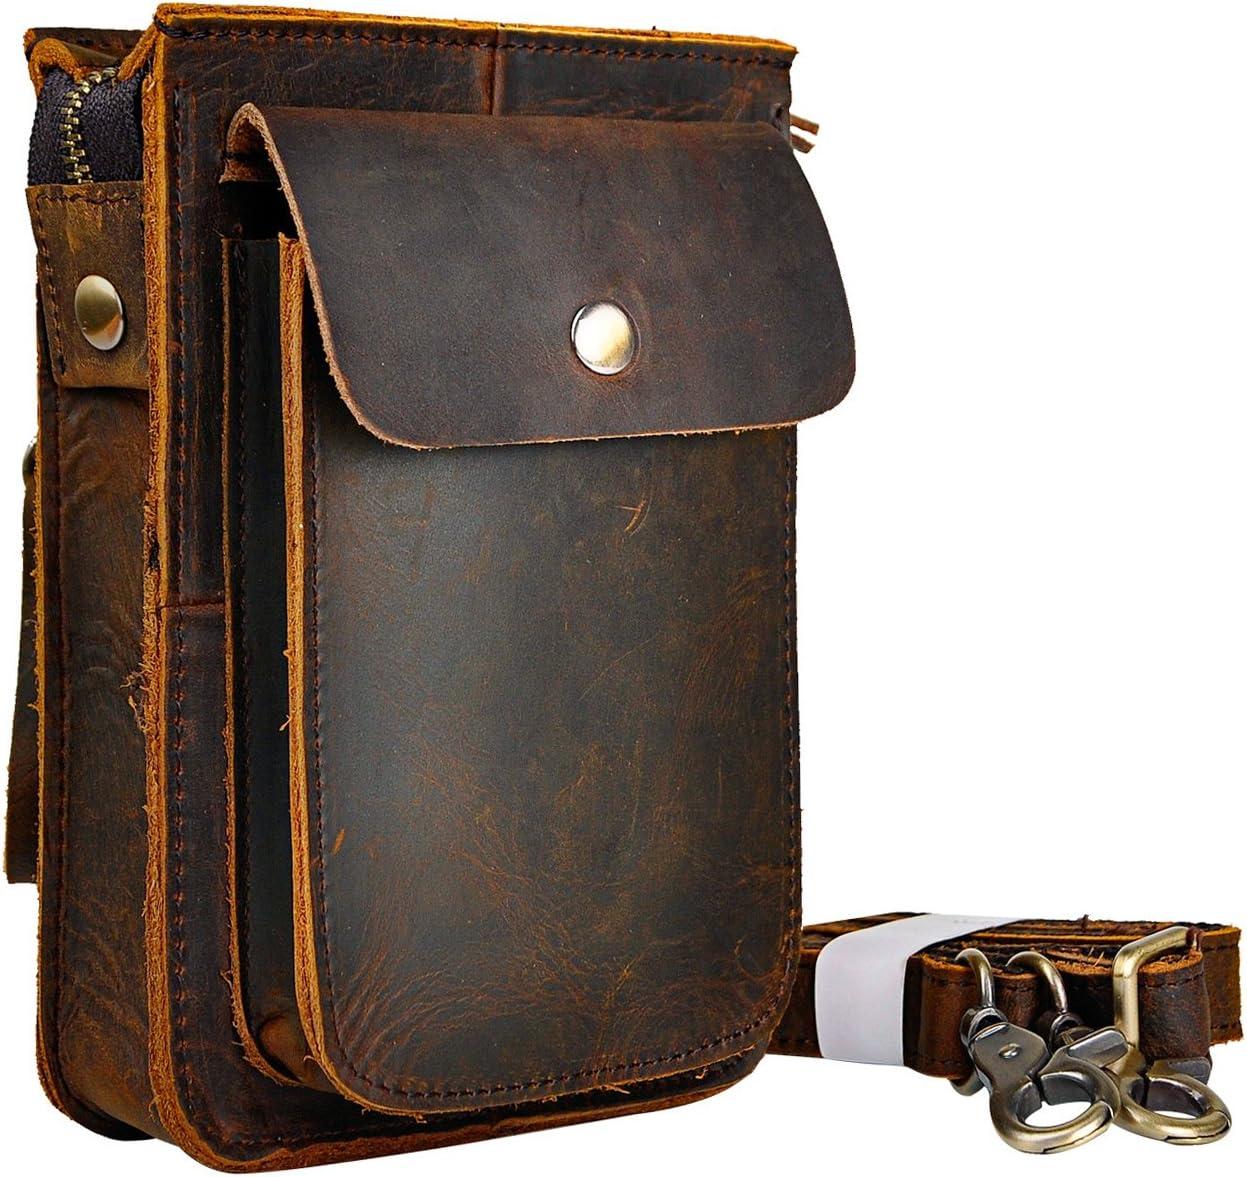 Le'aokuu Hombres Cuero Genuino Bolso pequeño Bolso de Viaje al Aire Libre Bolso de Cadera con Cinturón Bolso Cintura de Paquete de Viaje Bolso de Mensajero y Bandolera Caza/Senderismo(021 A marrón)